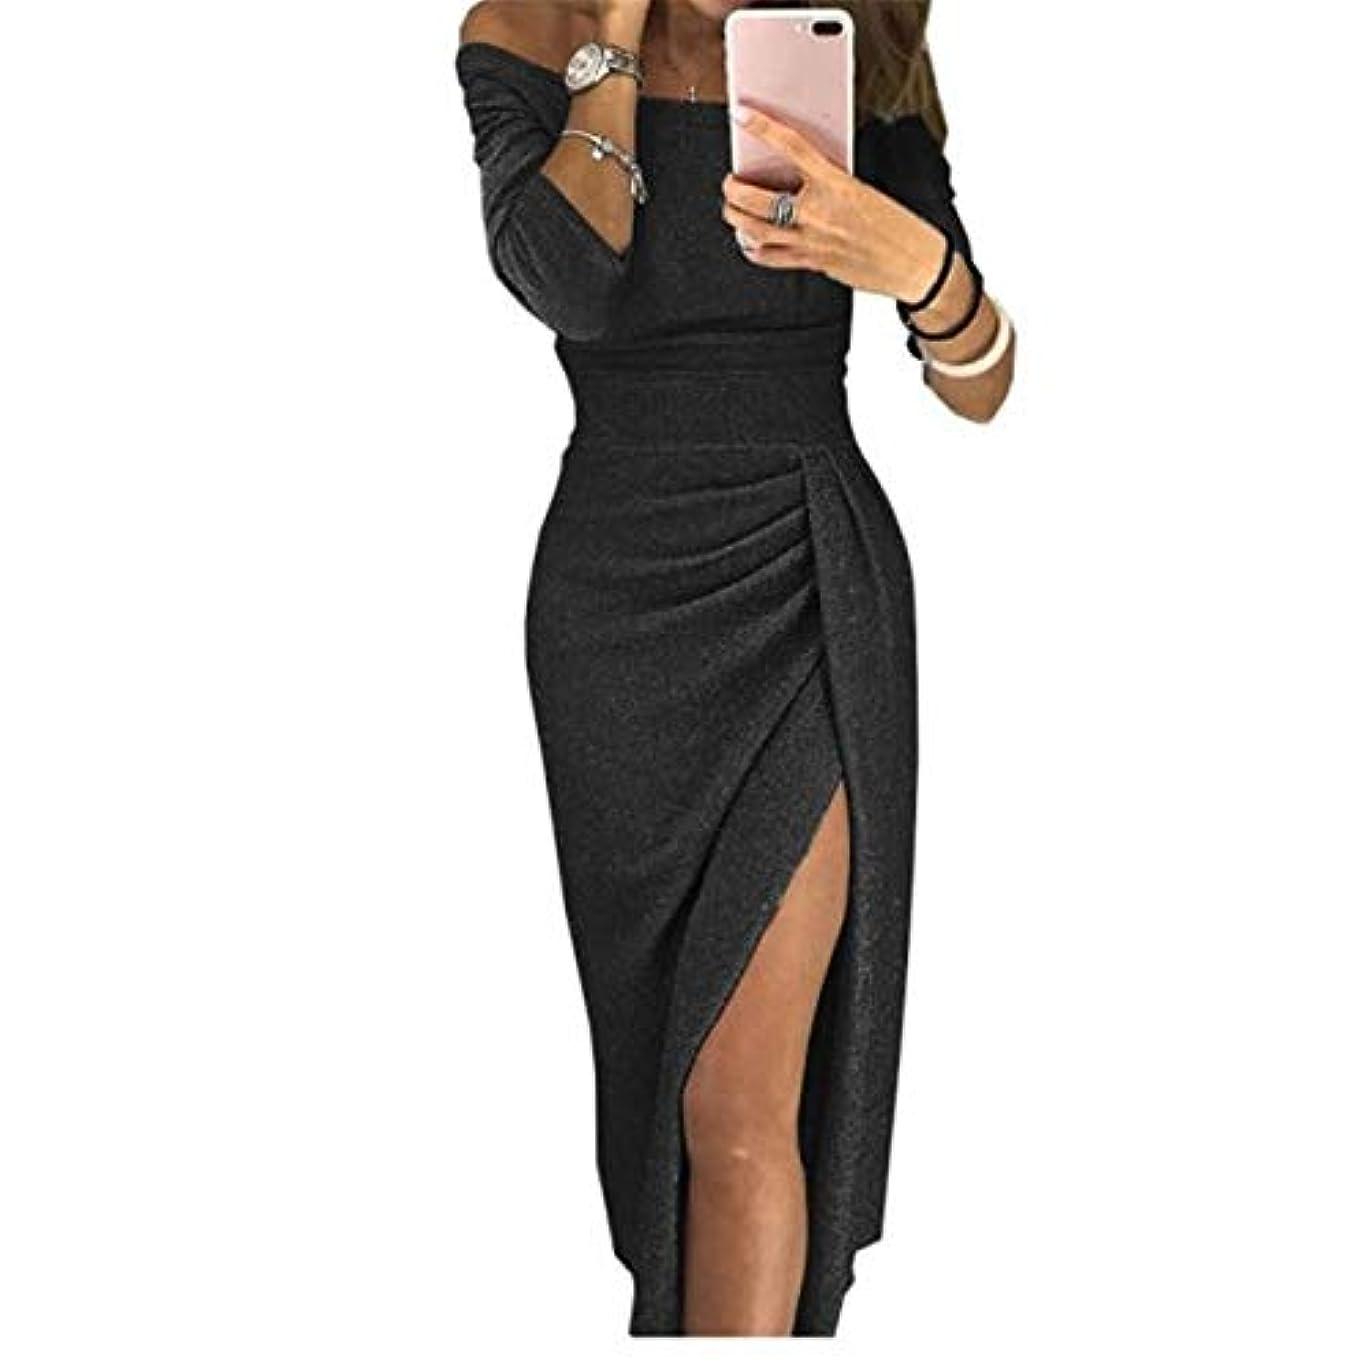 大工レコーダー芽Onderroa - 夏の女性のドレスはネックパッケージヒップスプリットセクシーなスパンコールのドレスレディース包帯パーティーナイトクラブミッドカーフ服装スラッシュ